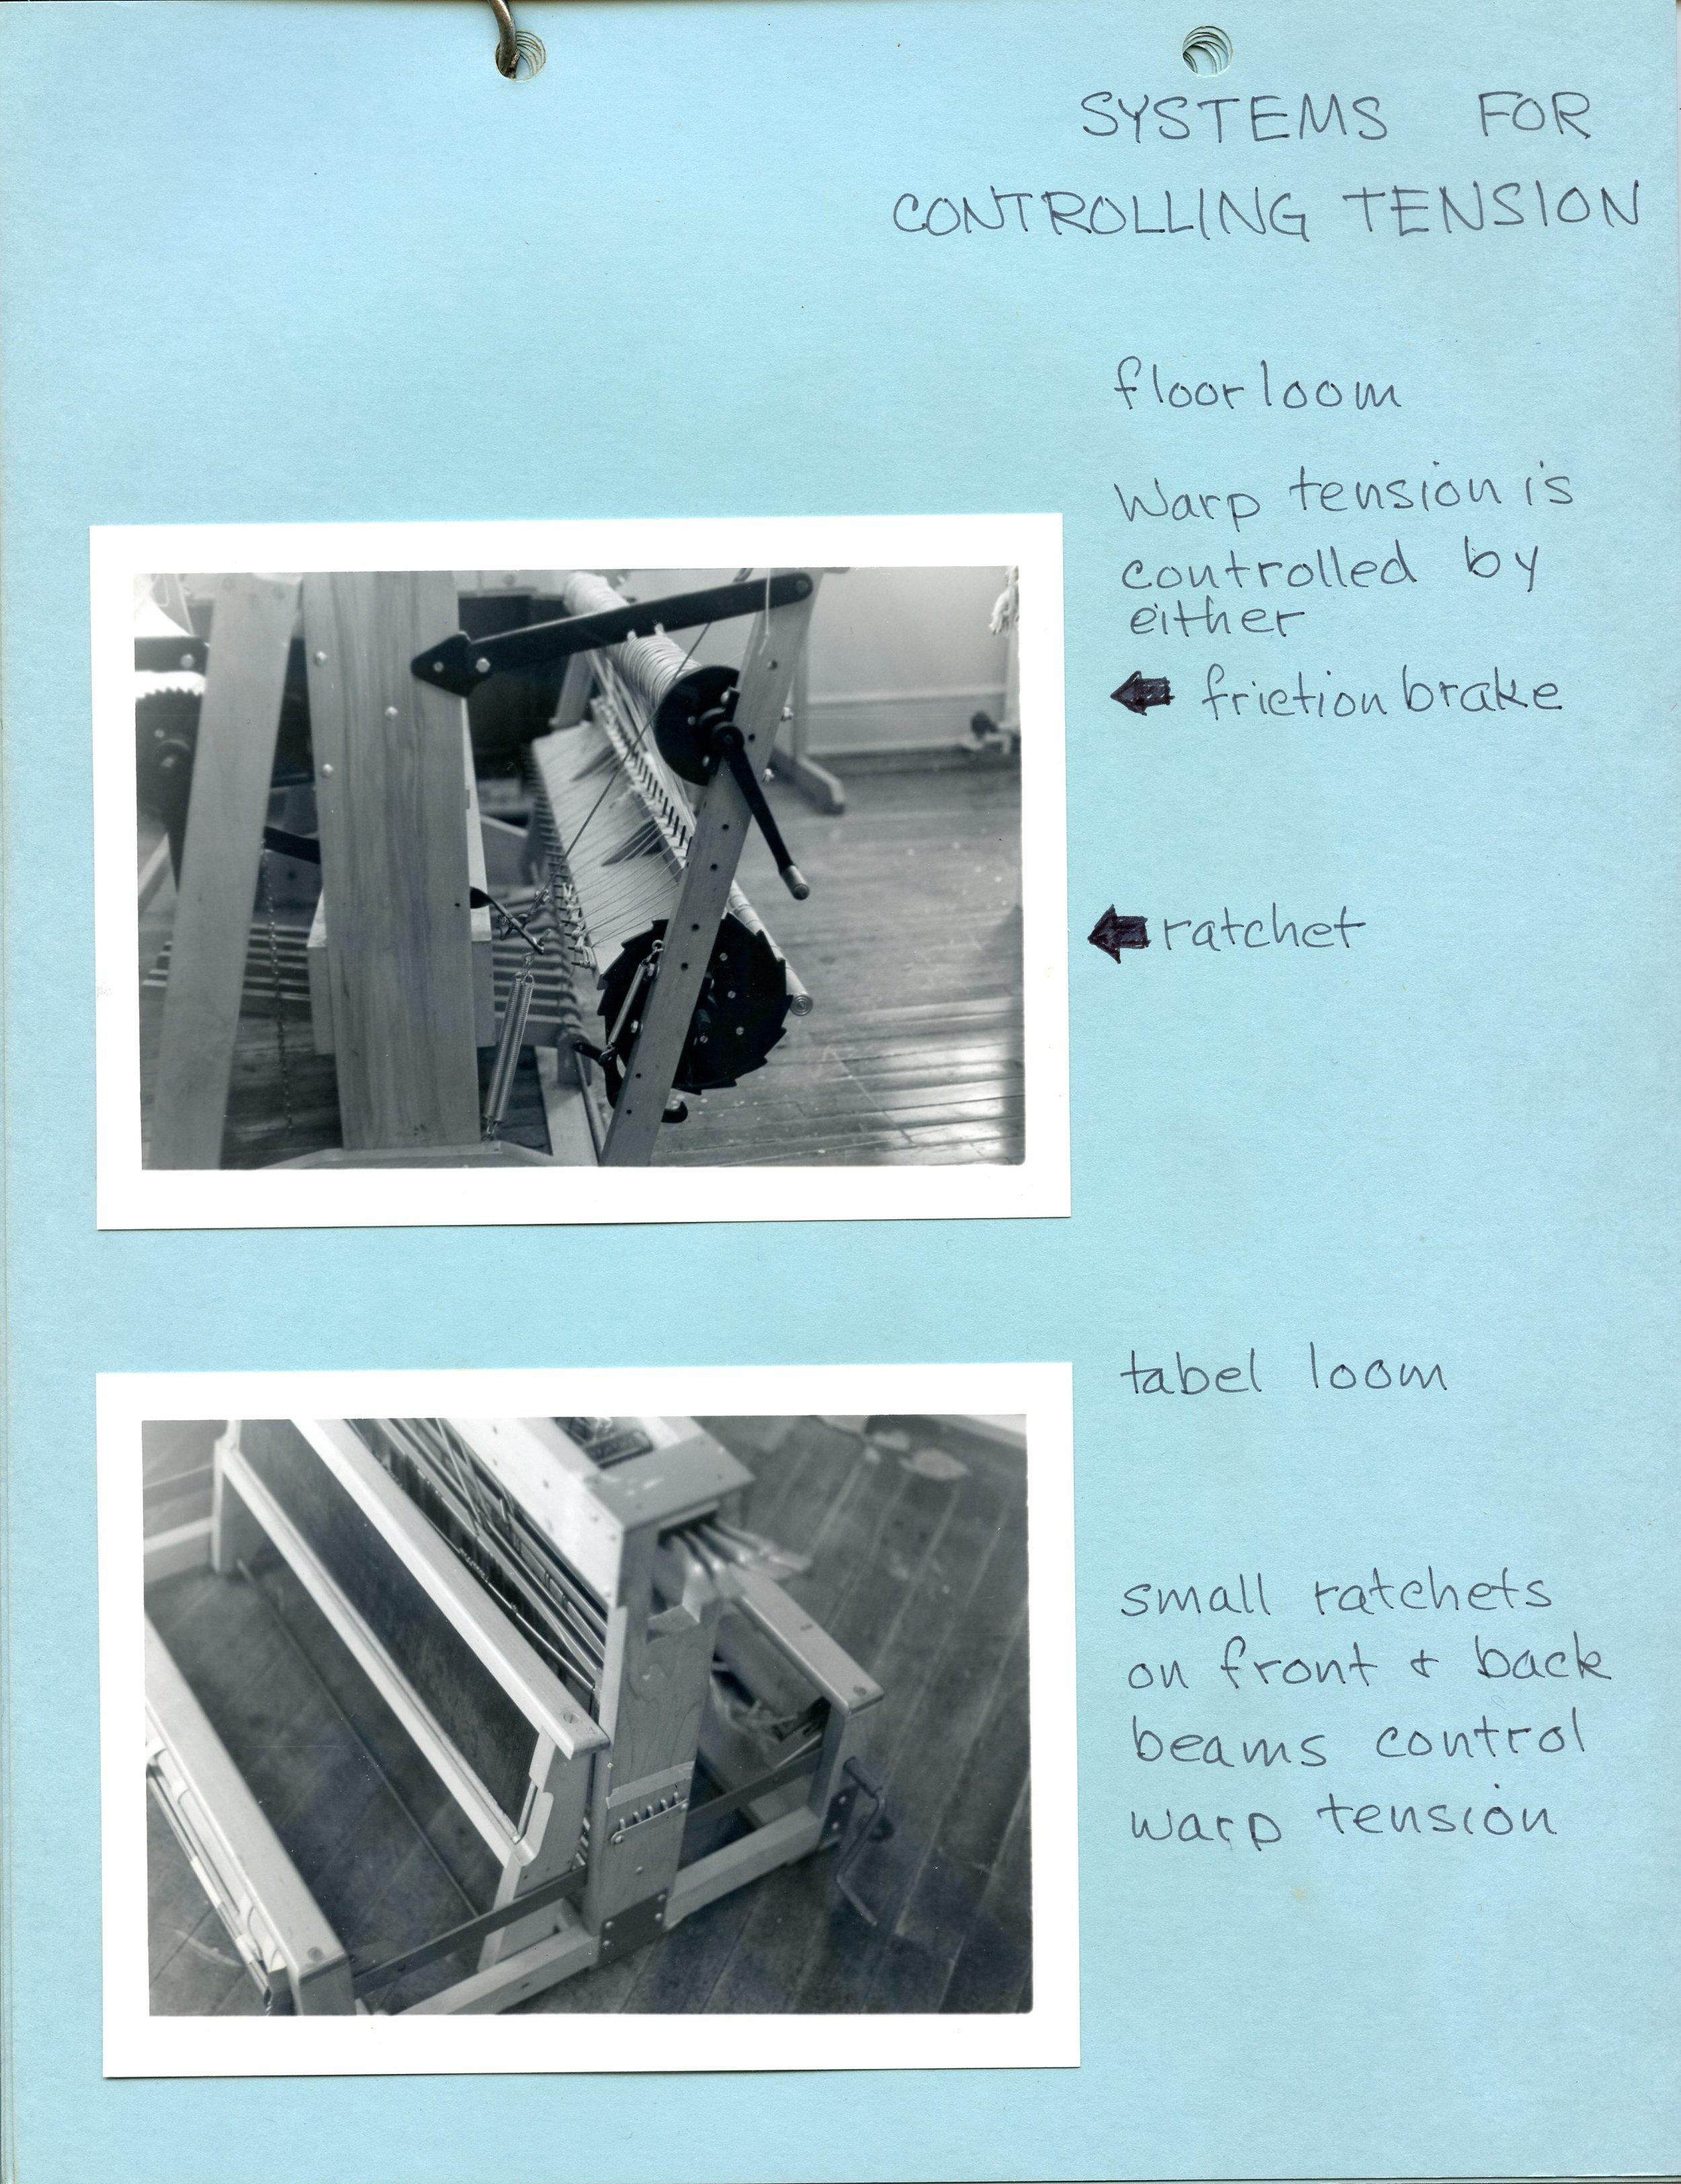 Equipment07.jpg